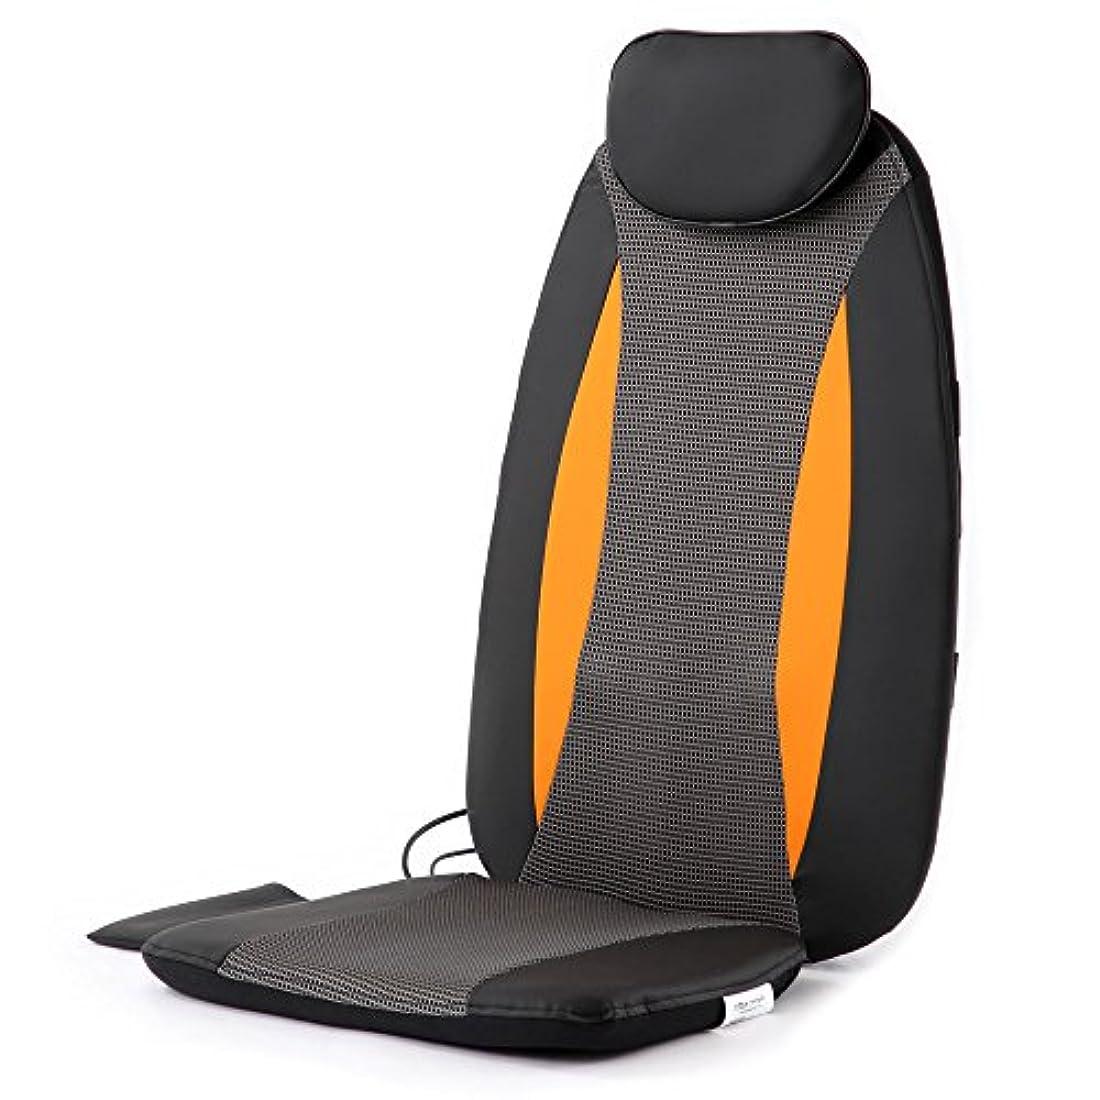 賭けスライムヘビぼん家具 マッサージチェア 椅子に置くだけ シートマッサージャー タイマー 折りたたみ 持ち運び可能